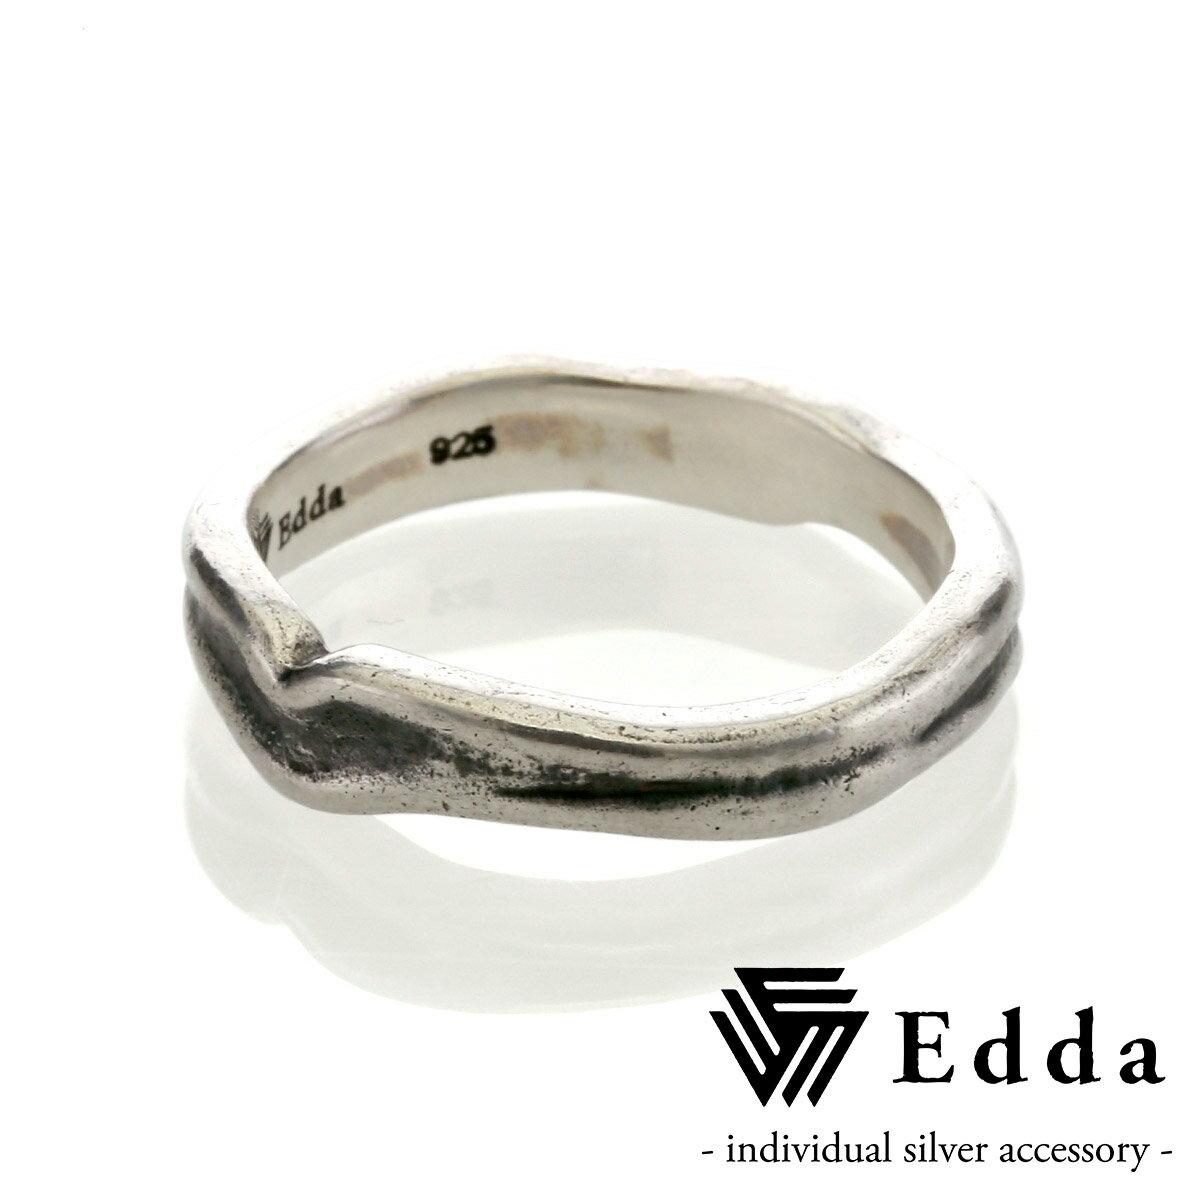 エッダ【Edda】シルバーリング メンズ ER-003-M